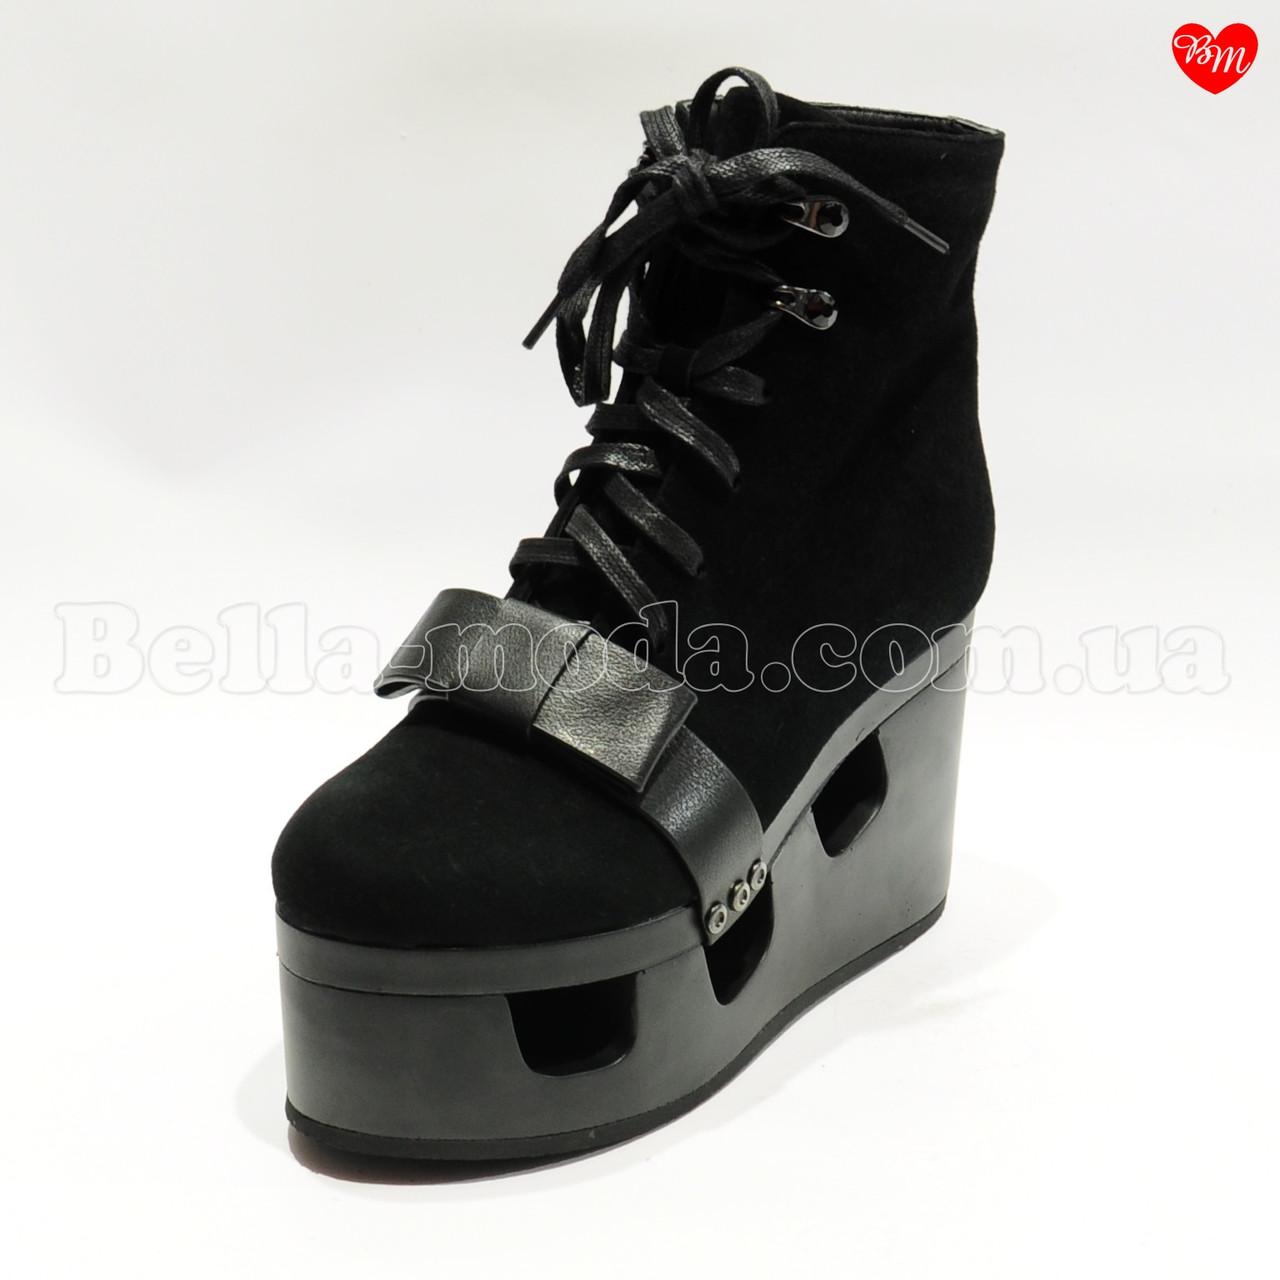 122a5460f Купить Женские ботинки платформа в дырках бантик в розницу от ...